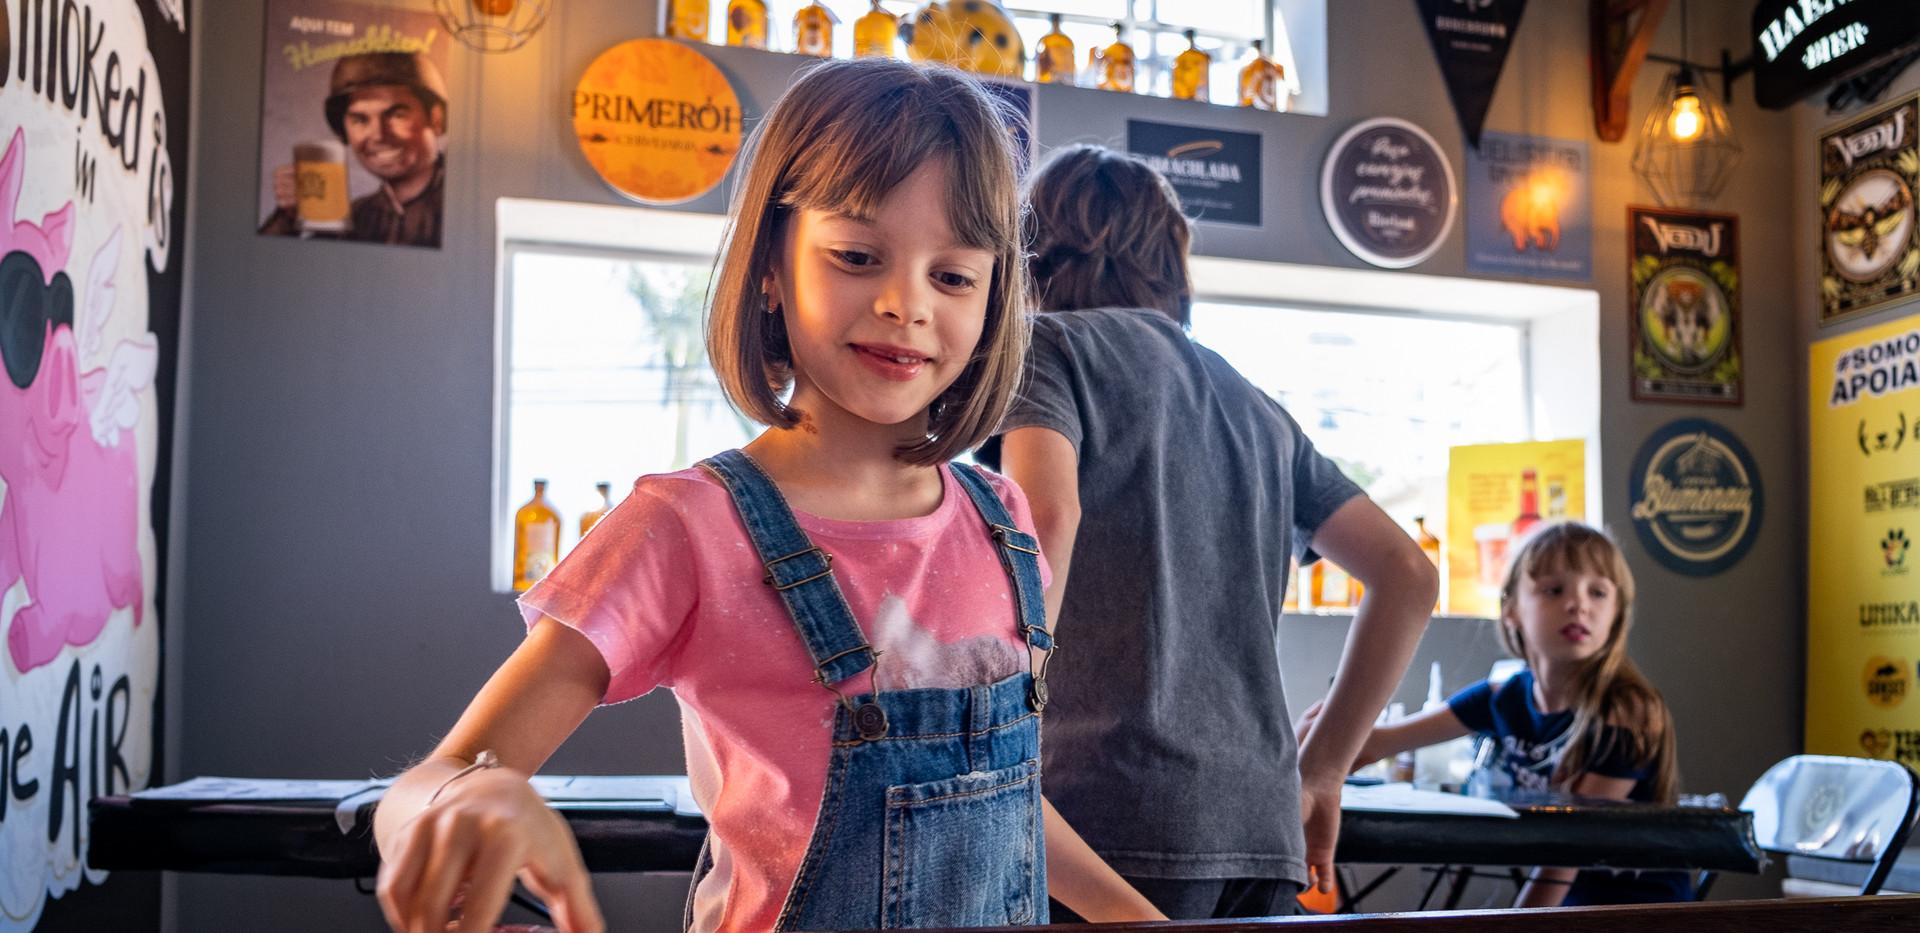 BeerAndPork_2_anos-redes_sociais.jpg